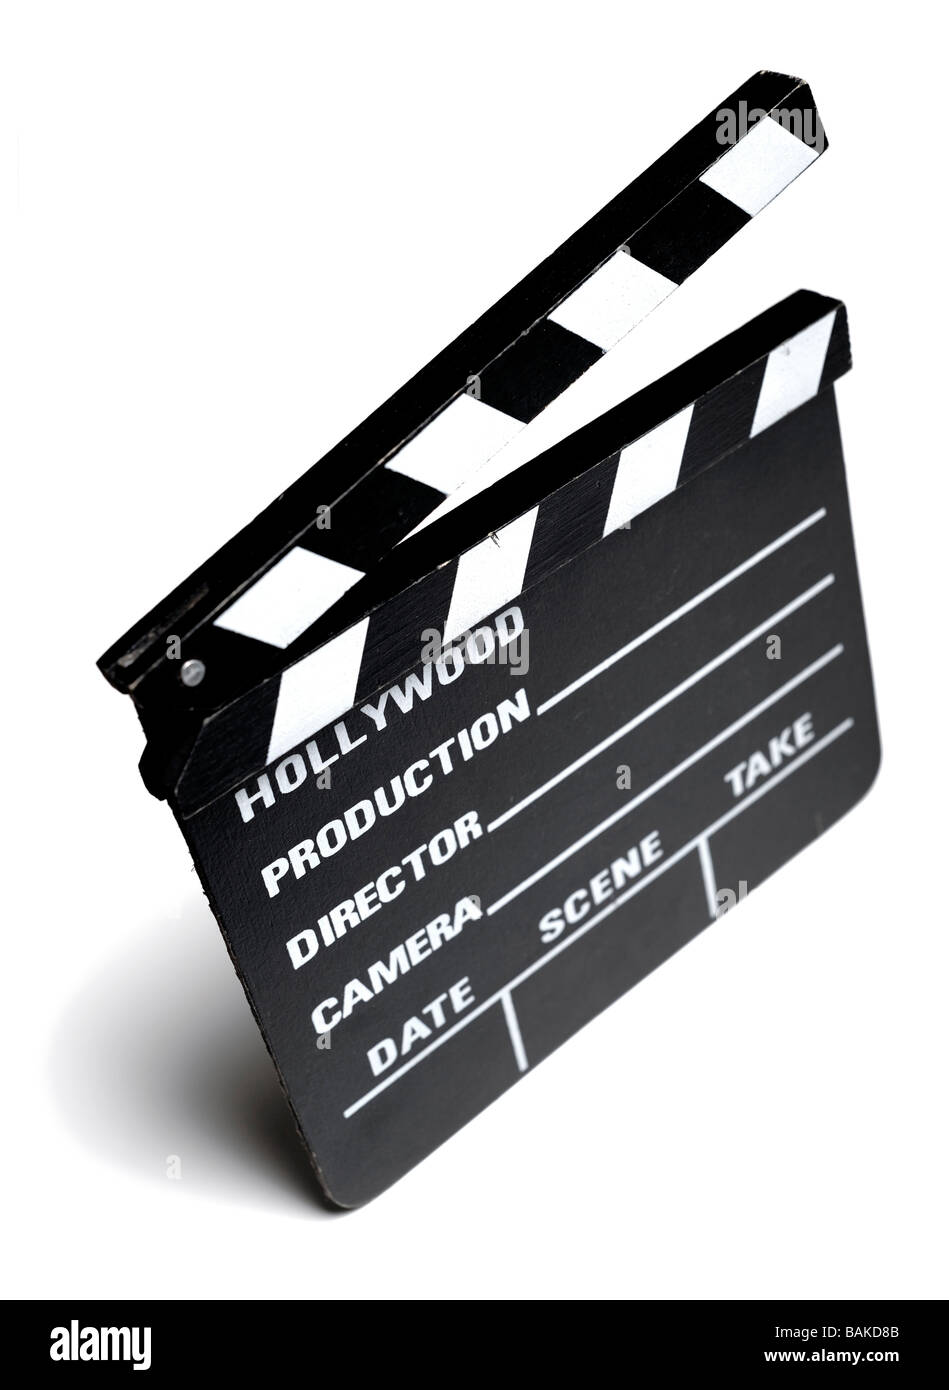 Film clapper board - Stock Image